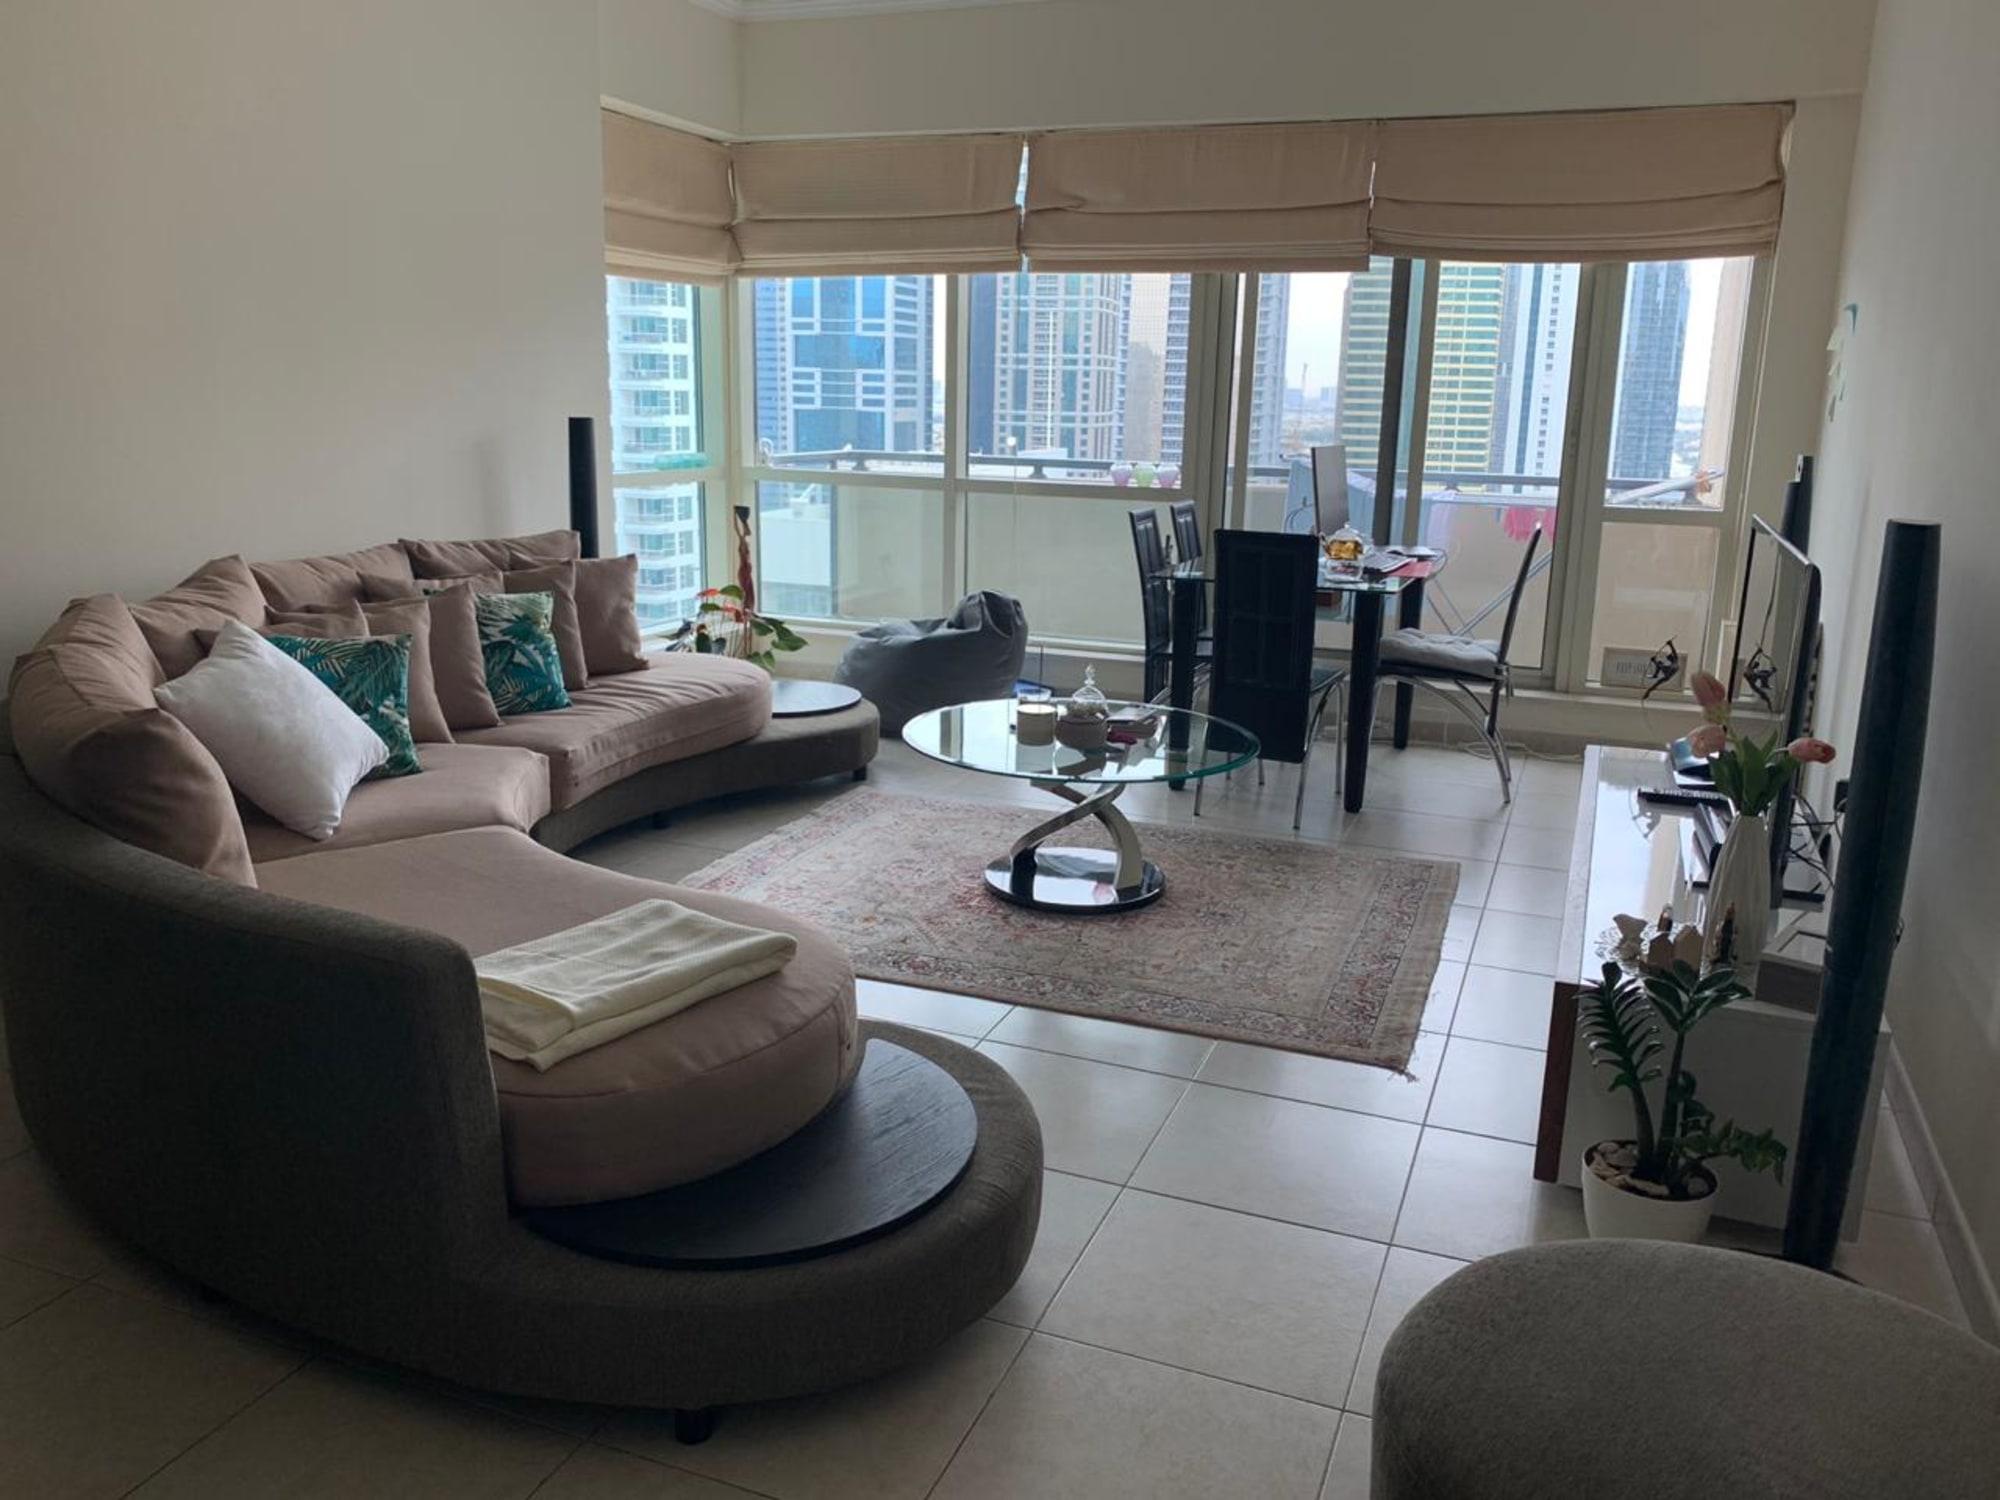 One Bedroom | Furnished or Unfurnished Option